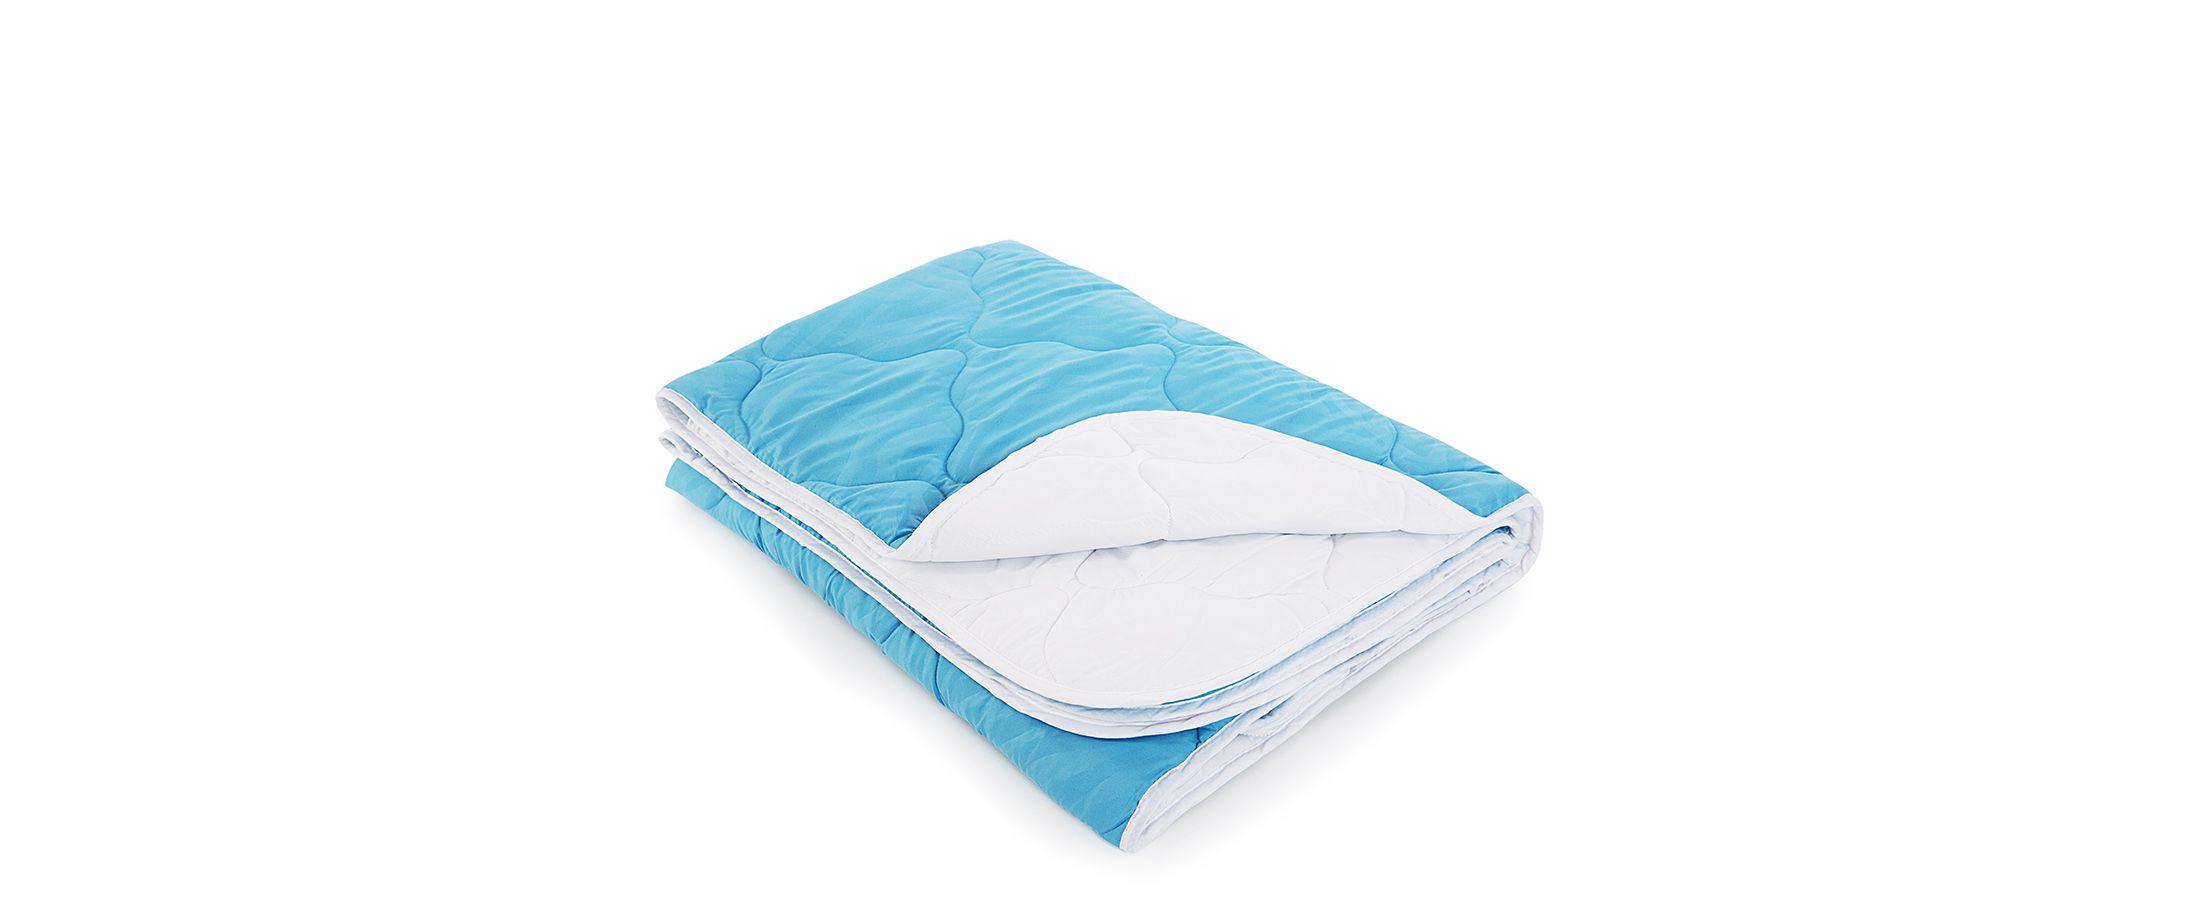 Одеяло «Для тебя» 140х205 голубого цвета Модель 4004Одеяла<br>Одеяло «Для тебя» 140х205 голубого цвета Модель 4004. Артикул К000730<br>